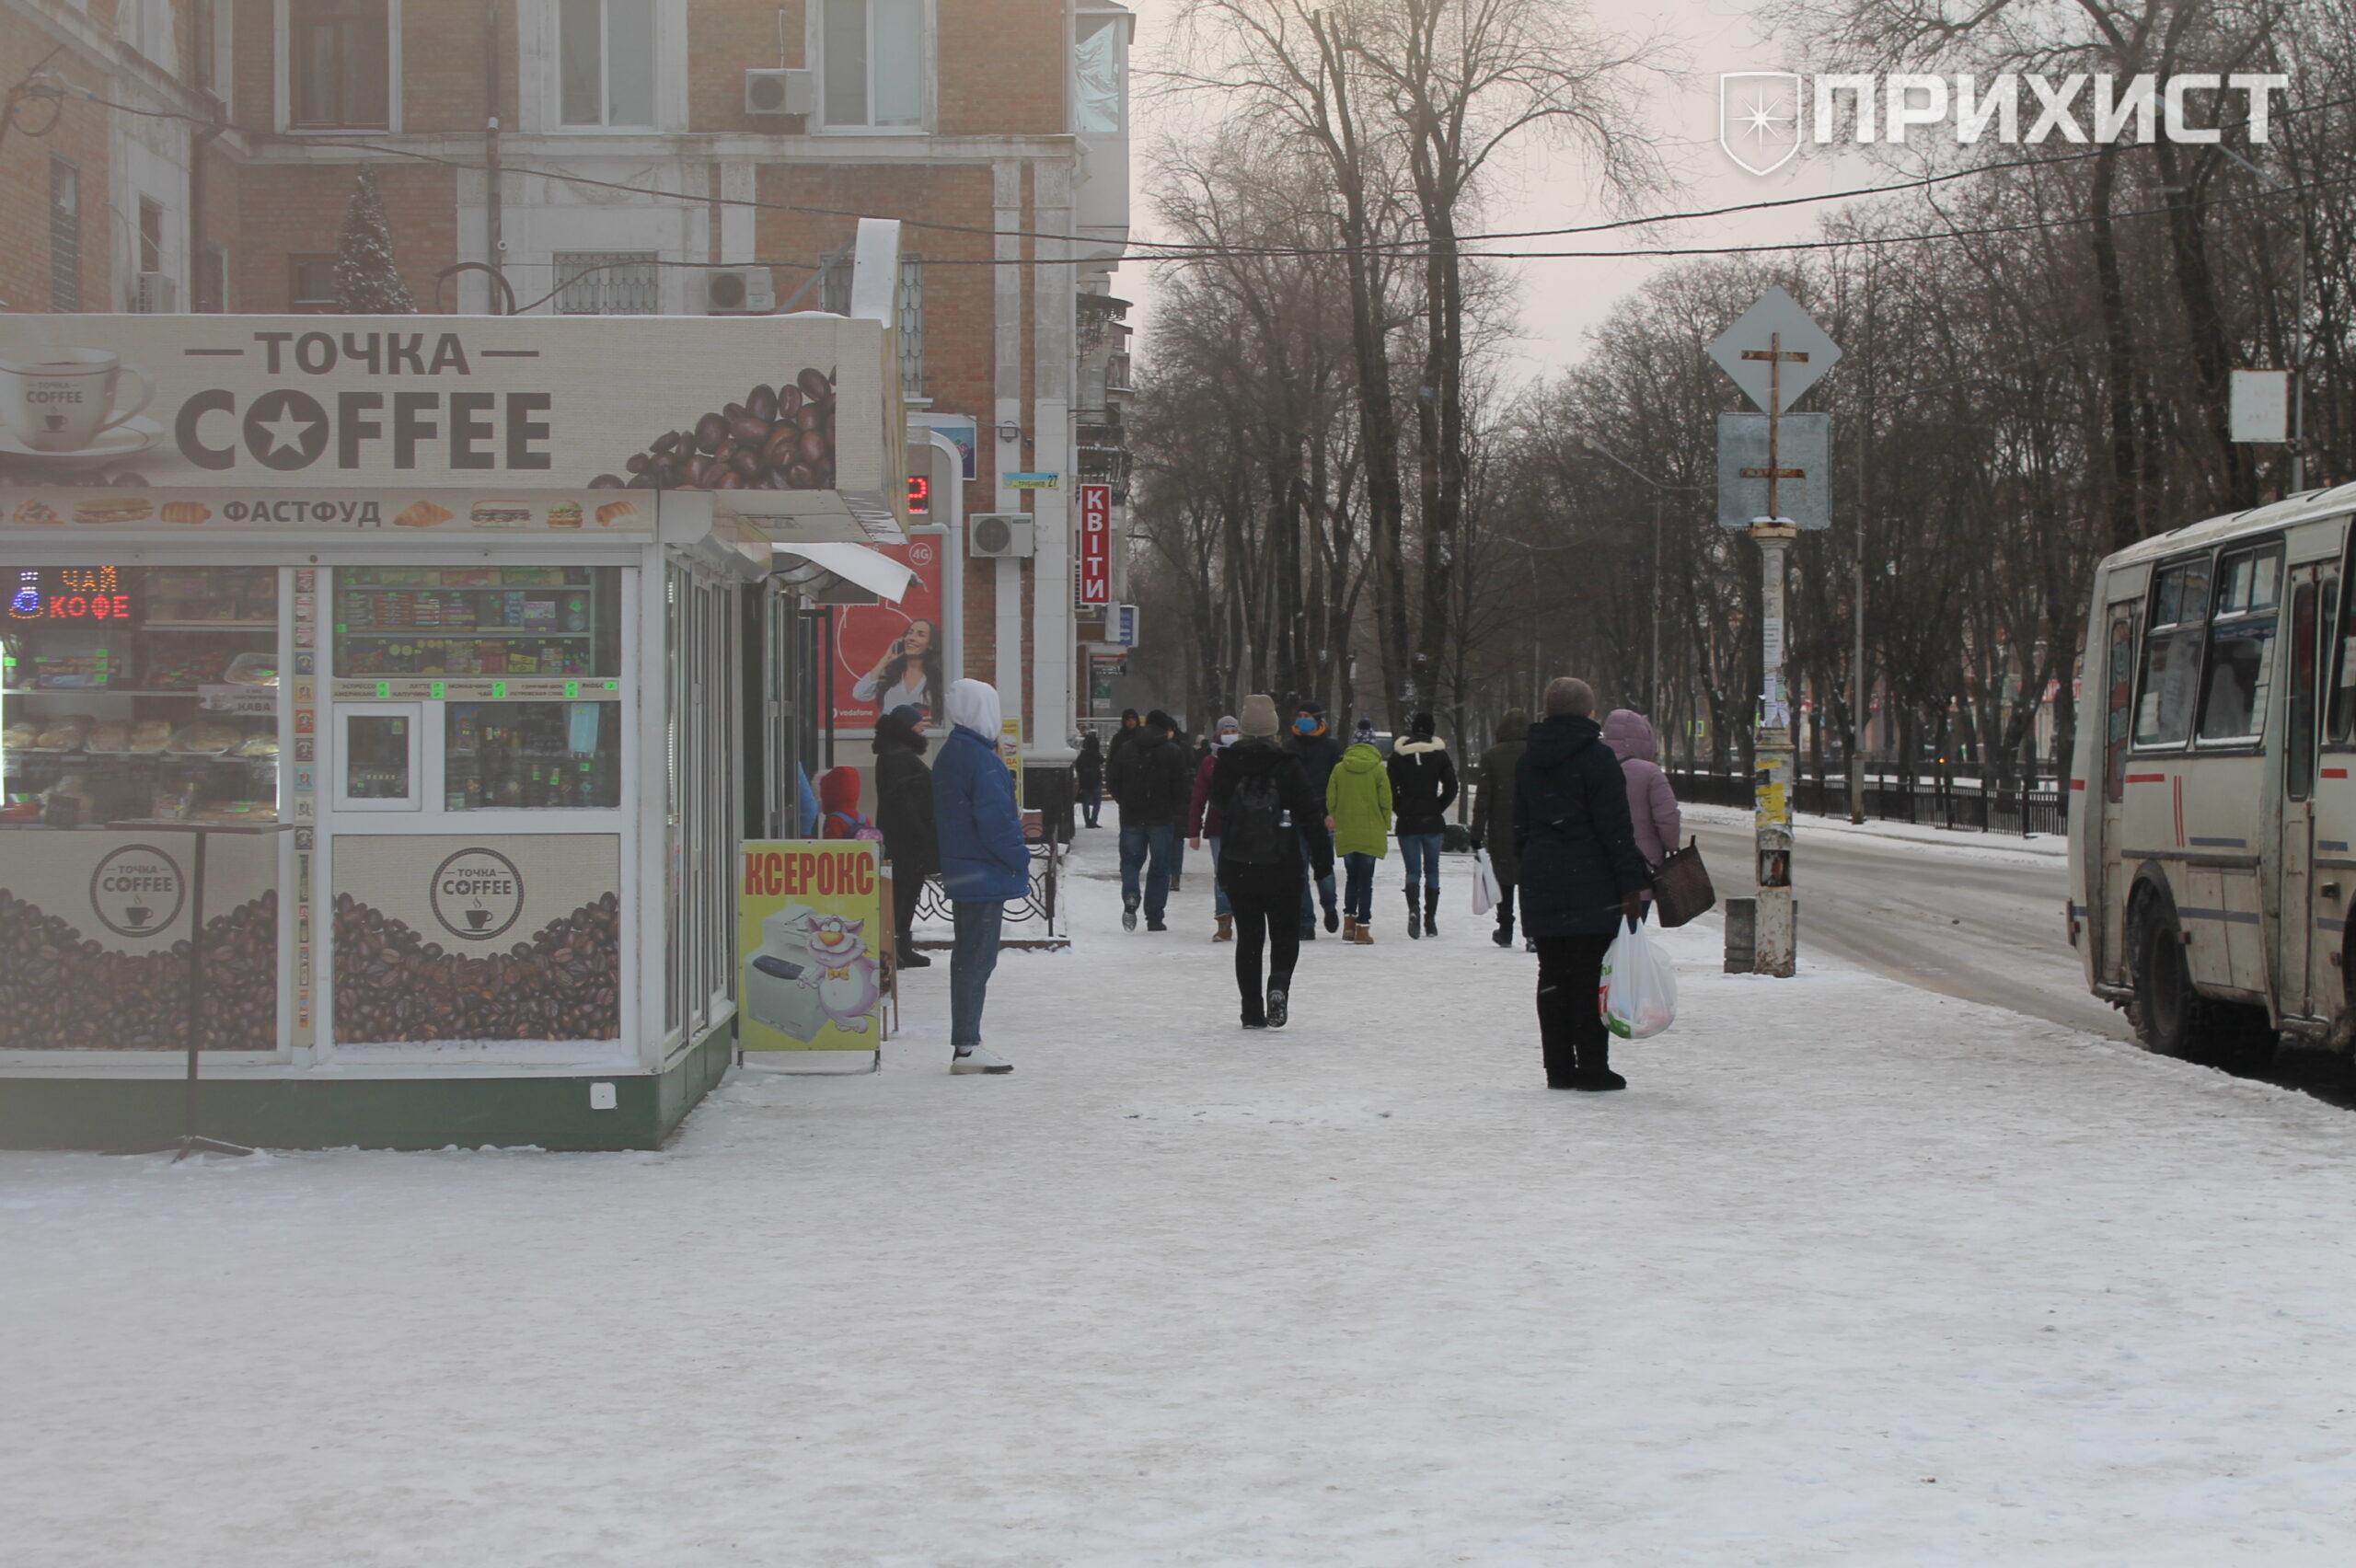 Як комунальники розчищають Нікополь від снігу: фоторепортаж | Прихист